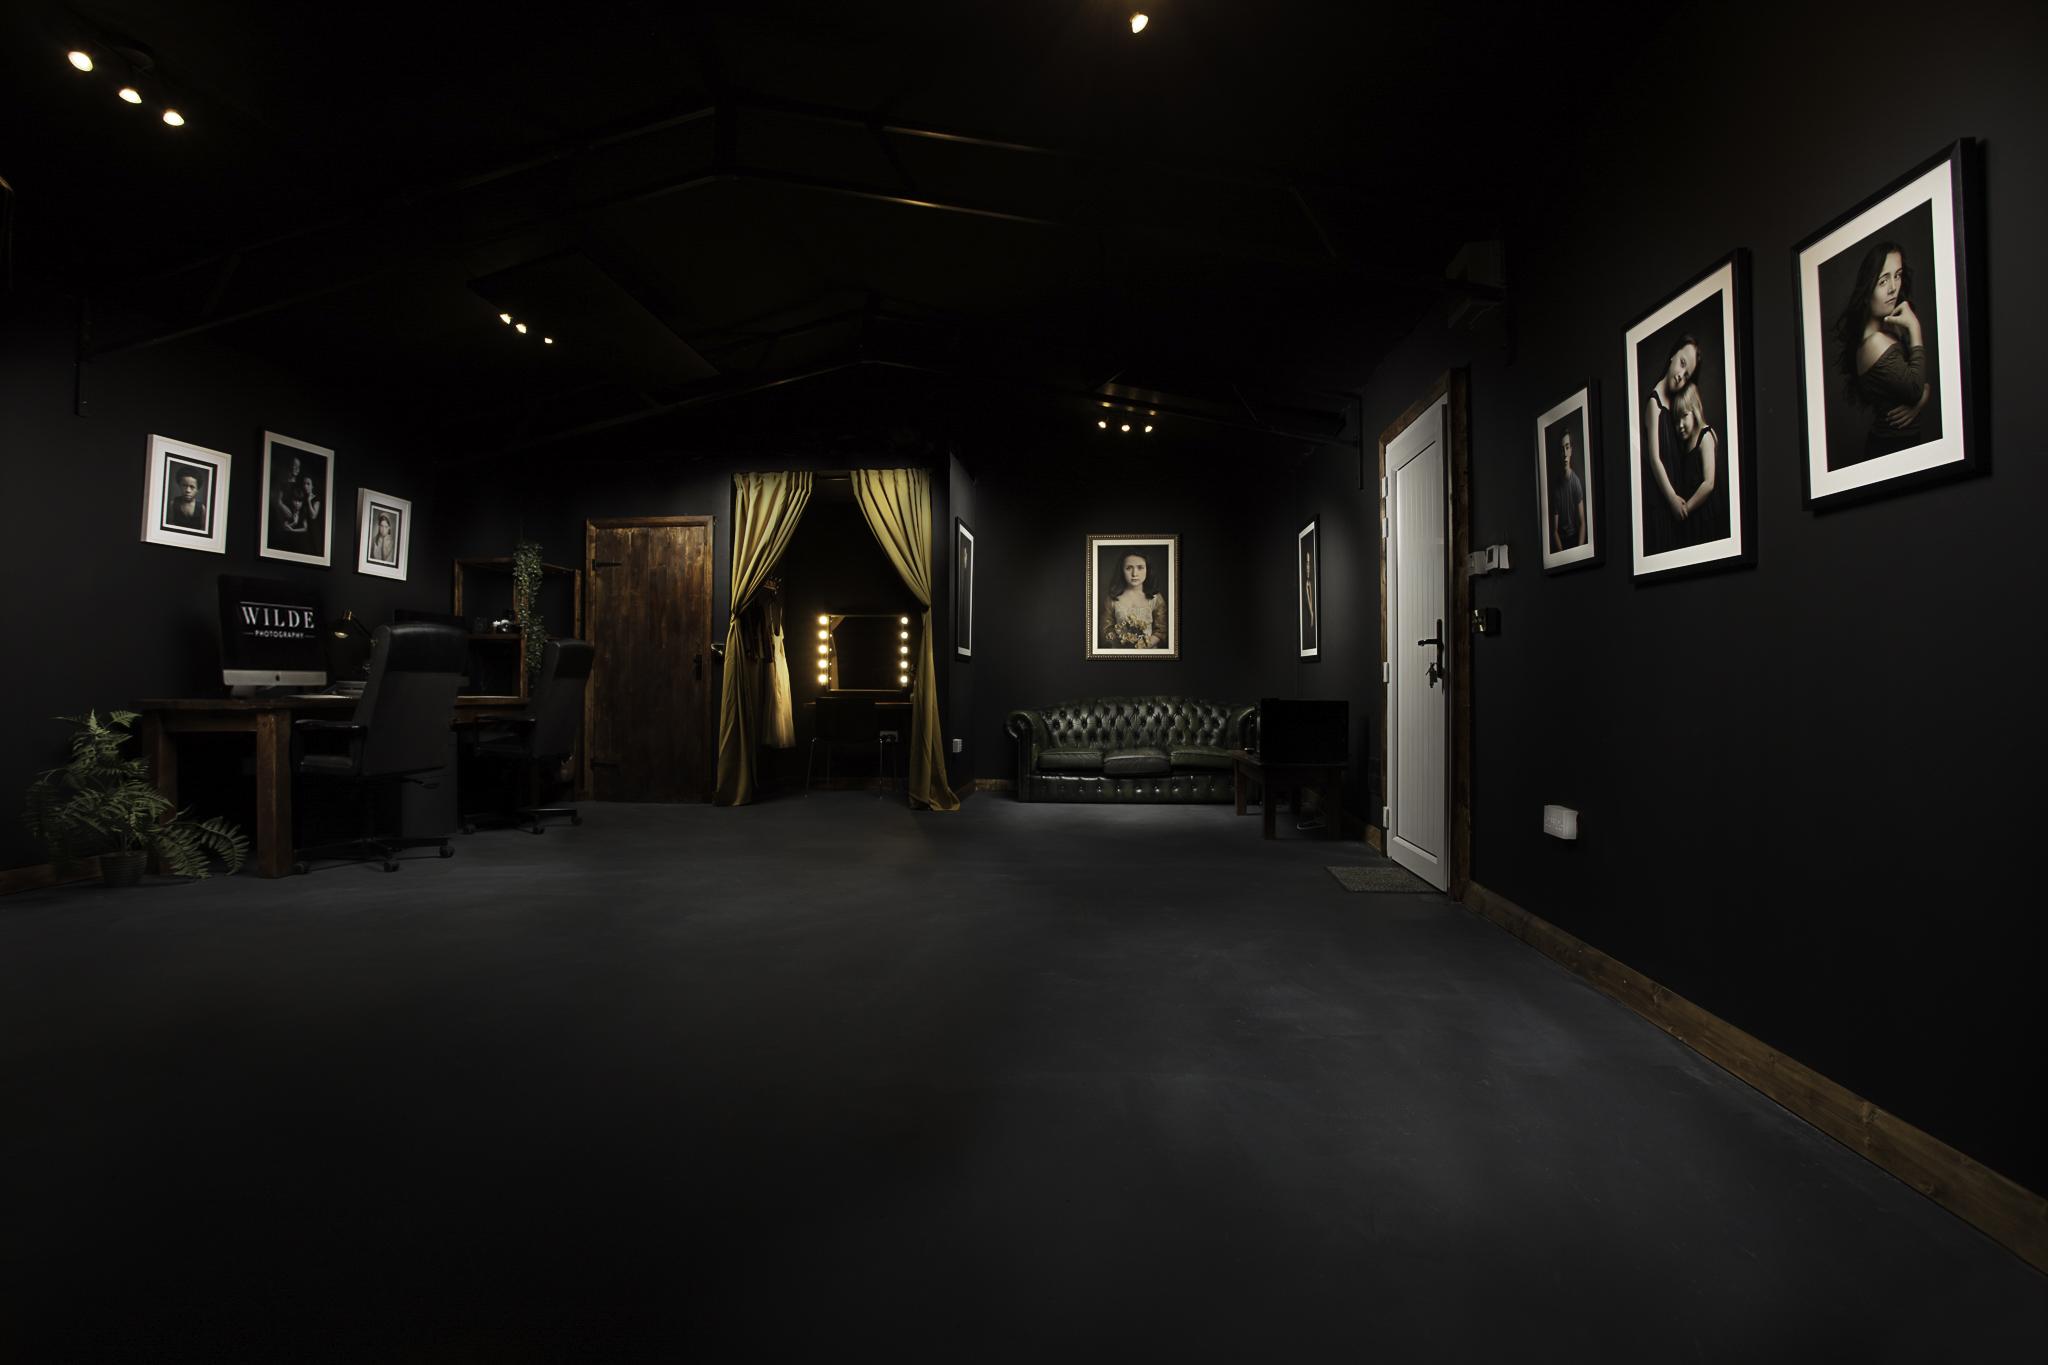 Wilde Photography Studio